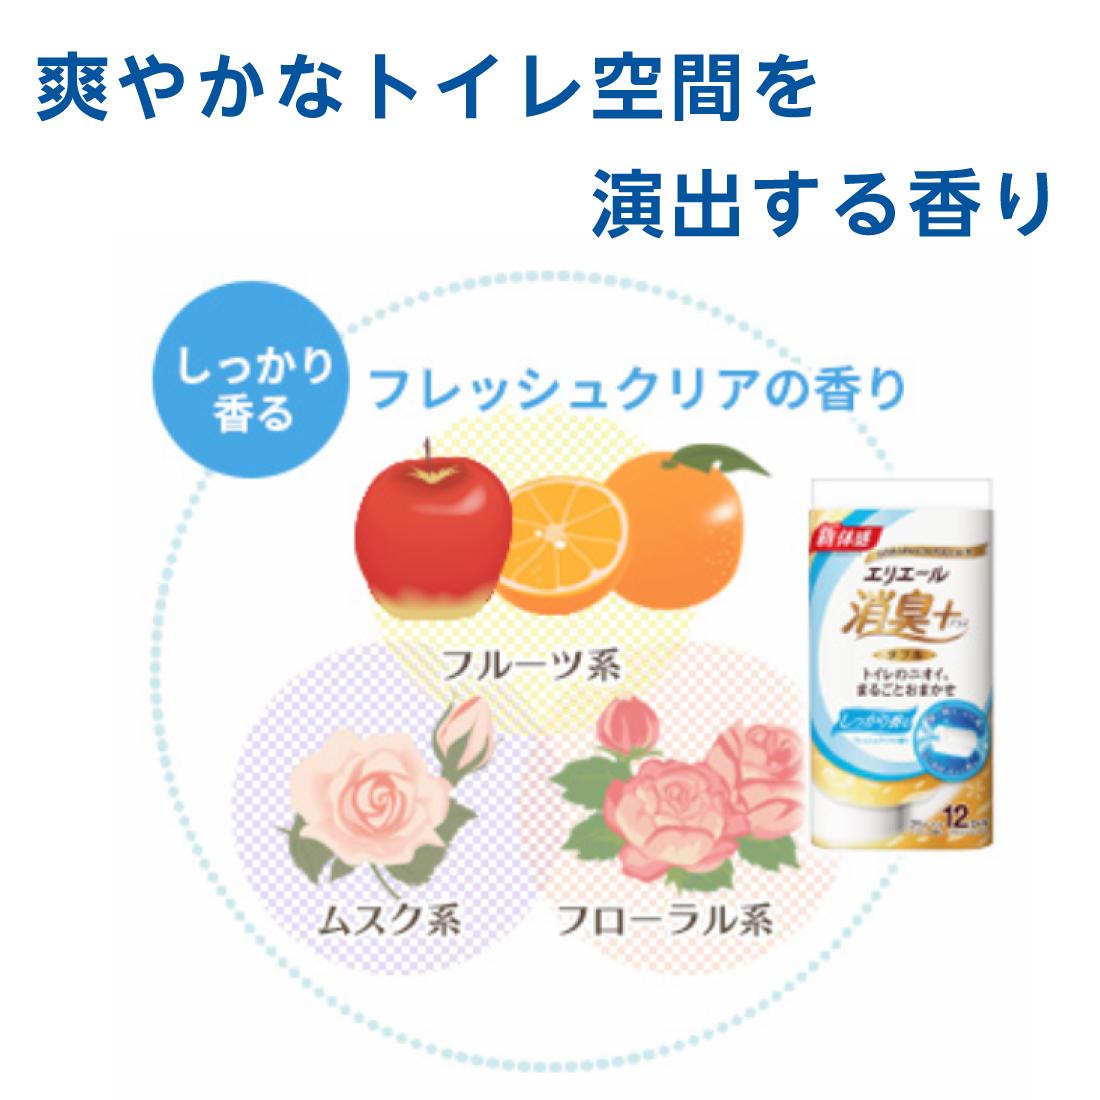 エリエール 消臭+トイレットティシュー しっかり香る フレッシュクリアの香り12ロール(ダブル)